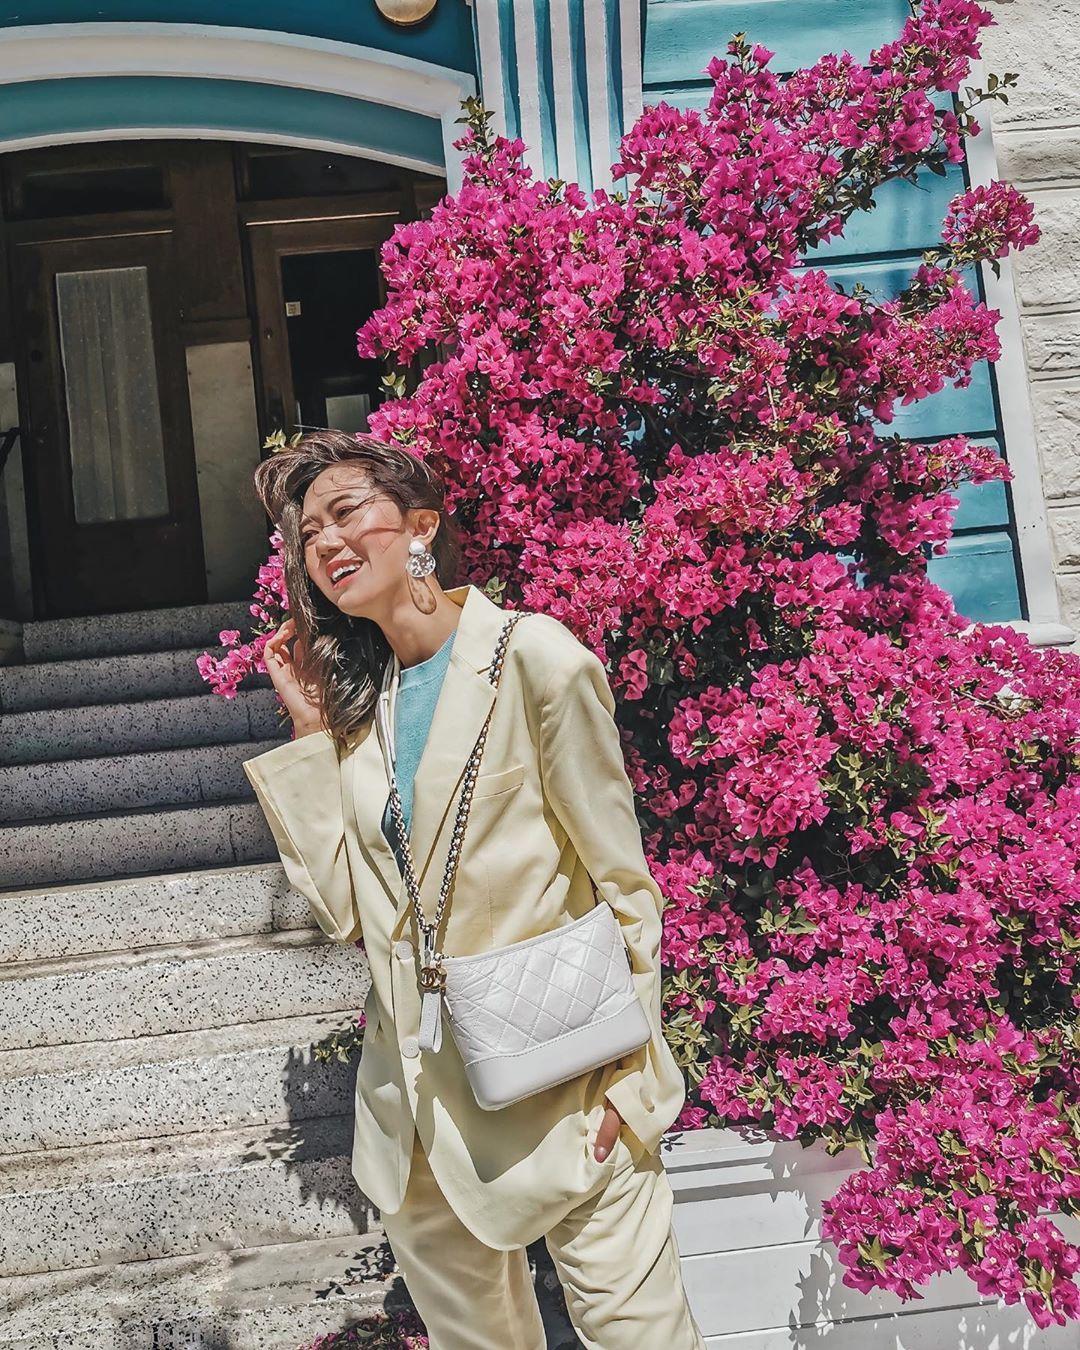 Thời trang cung cự giải - Âu phục vàng pastel và áo thun xanh, túi Chanel trắng